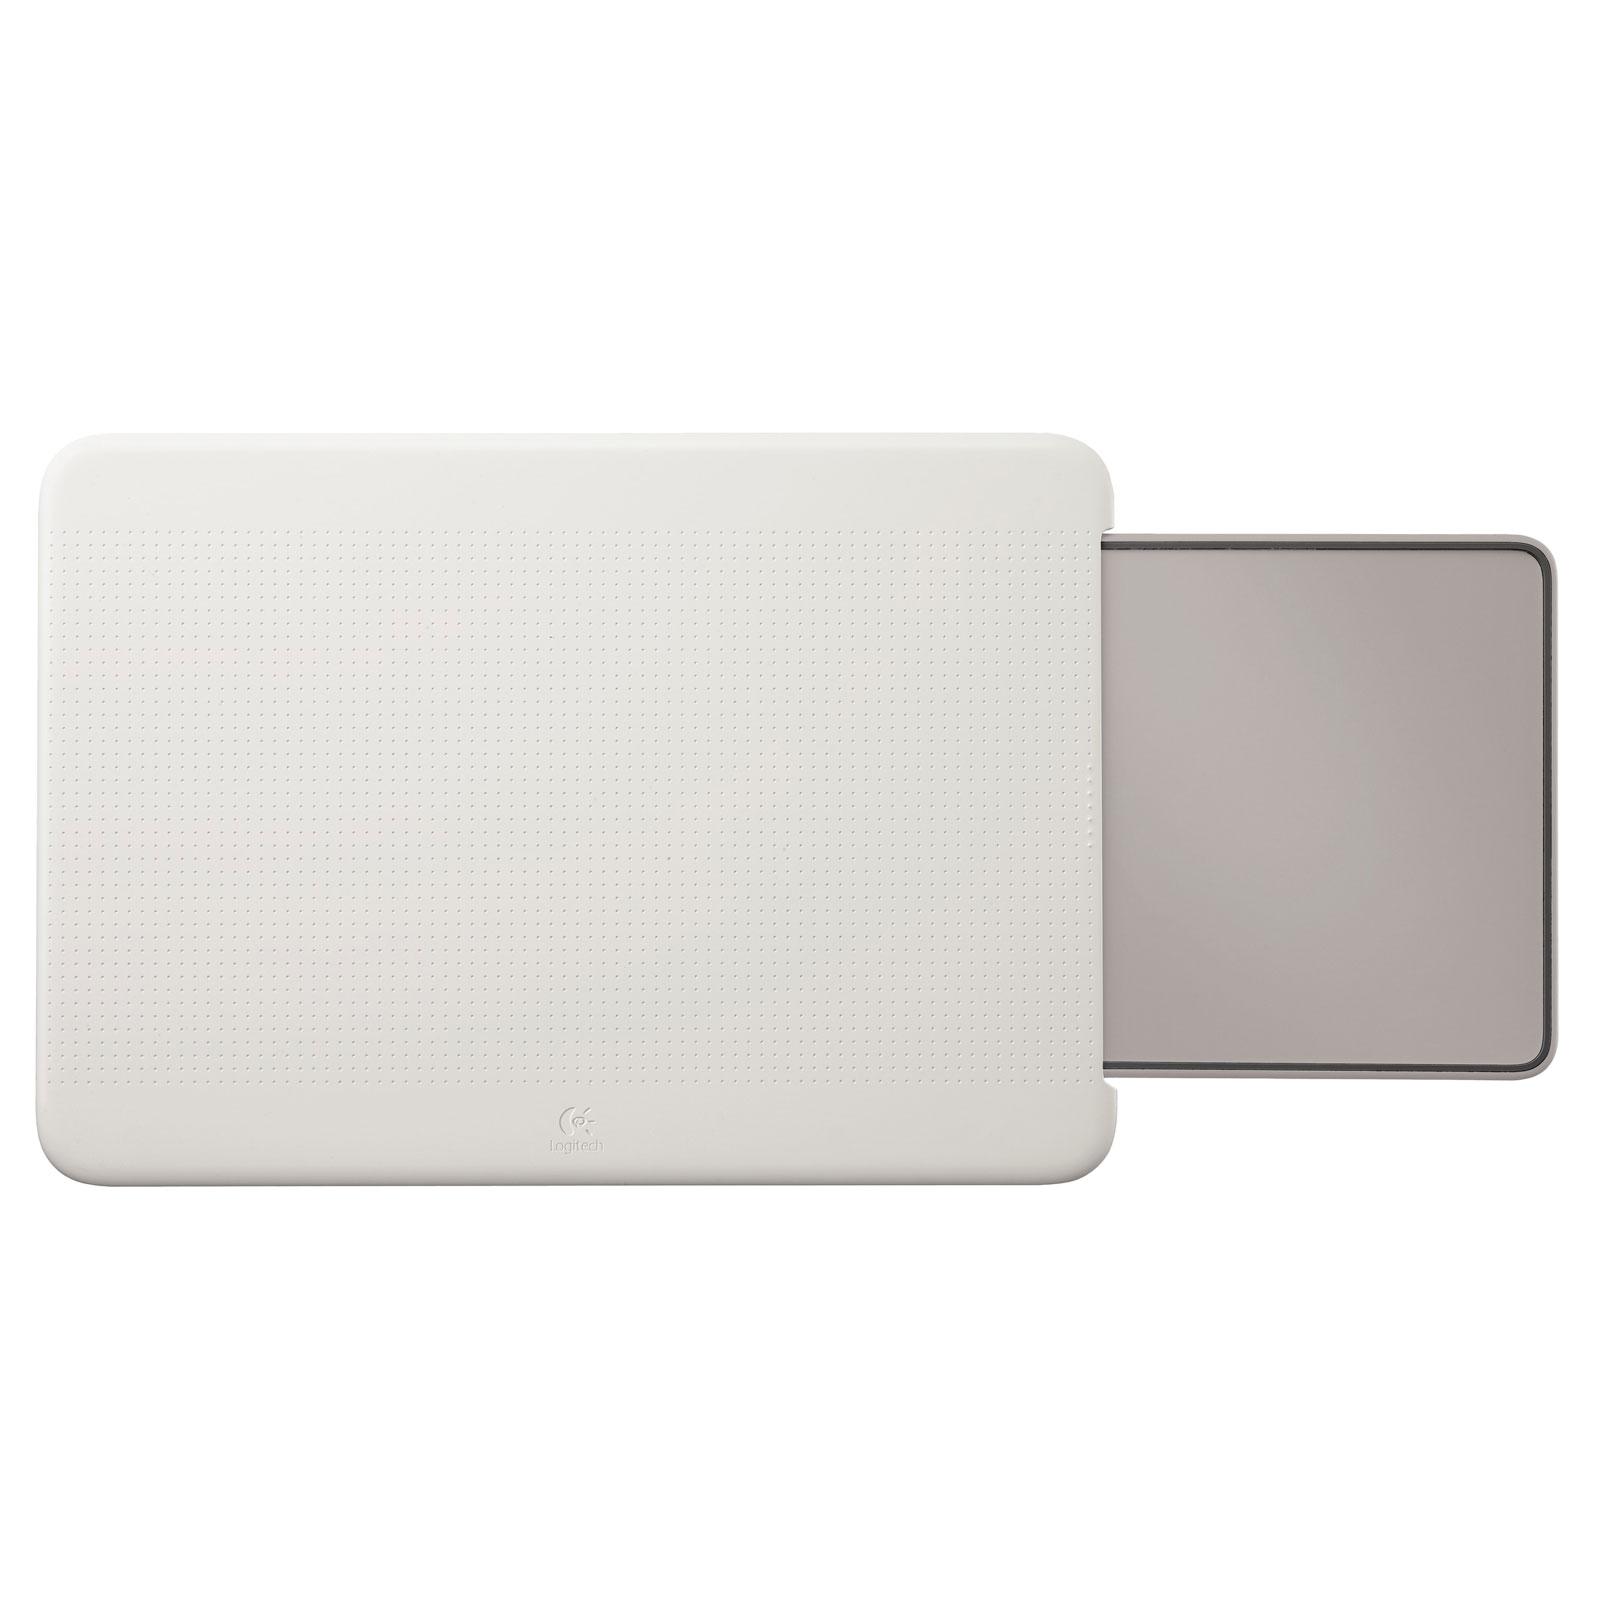 logitech portable lapdesk n315 blanc gris accessoires pc portable logitech sur. Black Bedroom Furniture Sets. Home Design Ideas